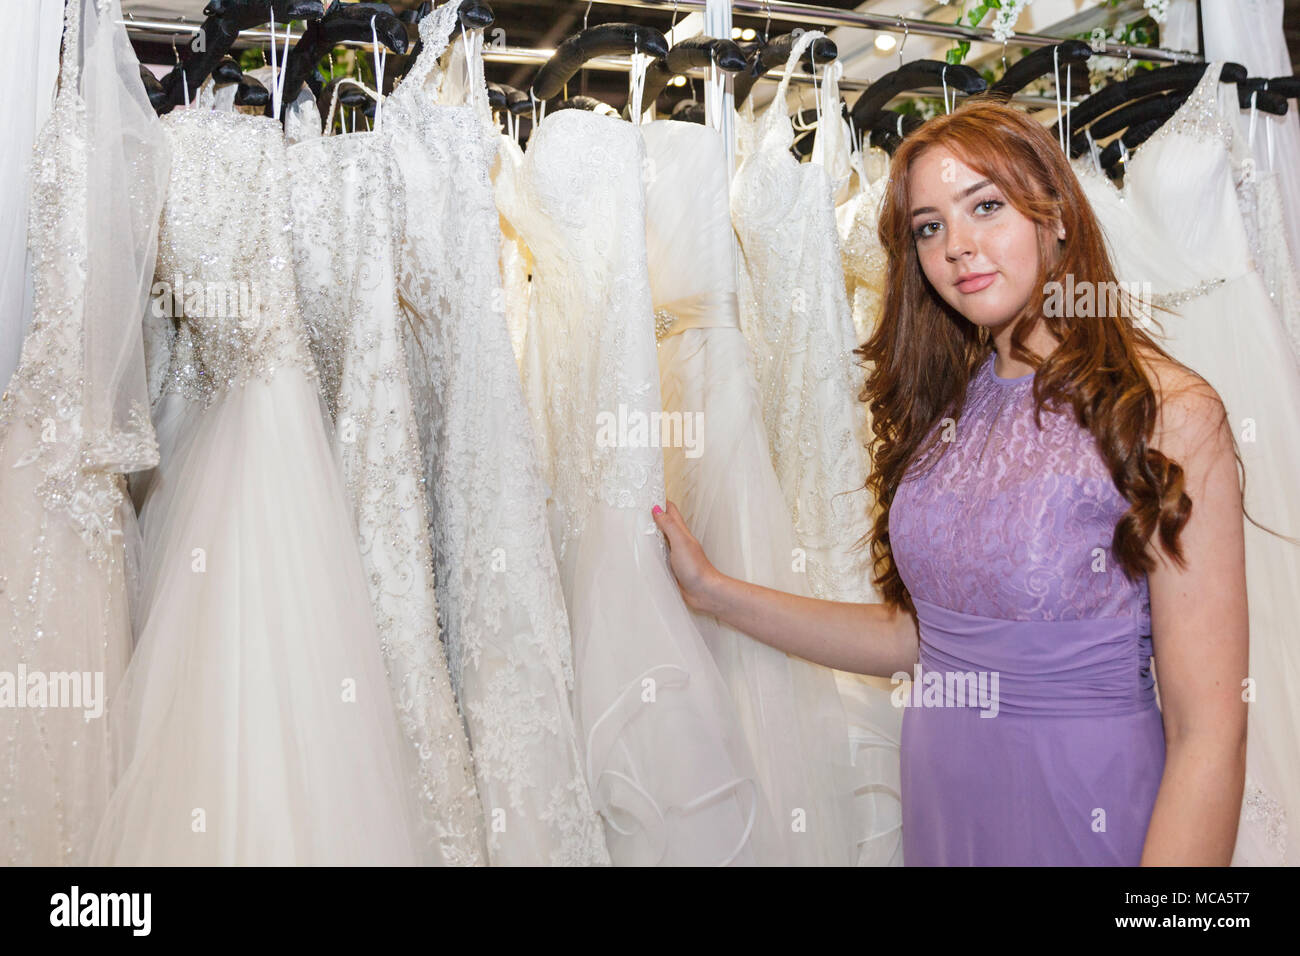 National Wedding Show Stockfotos & National Wedding Show Bilder - Alamy